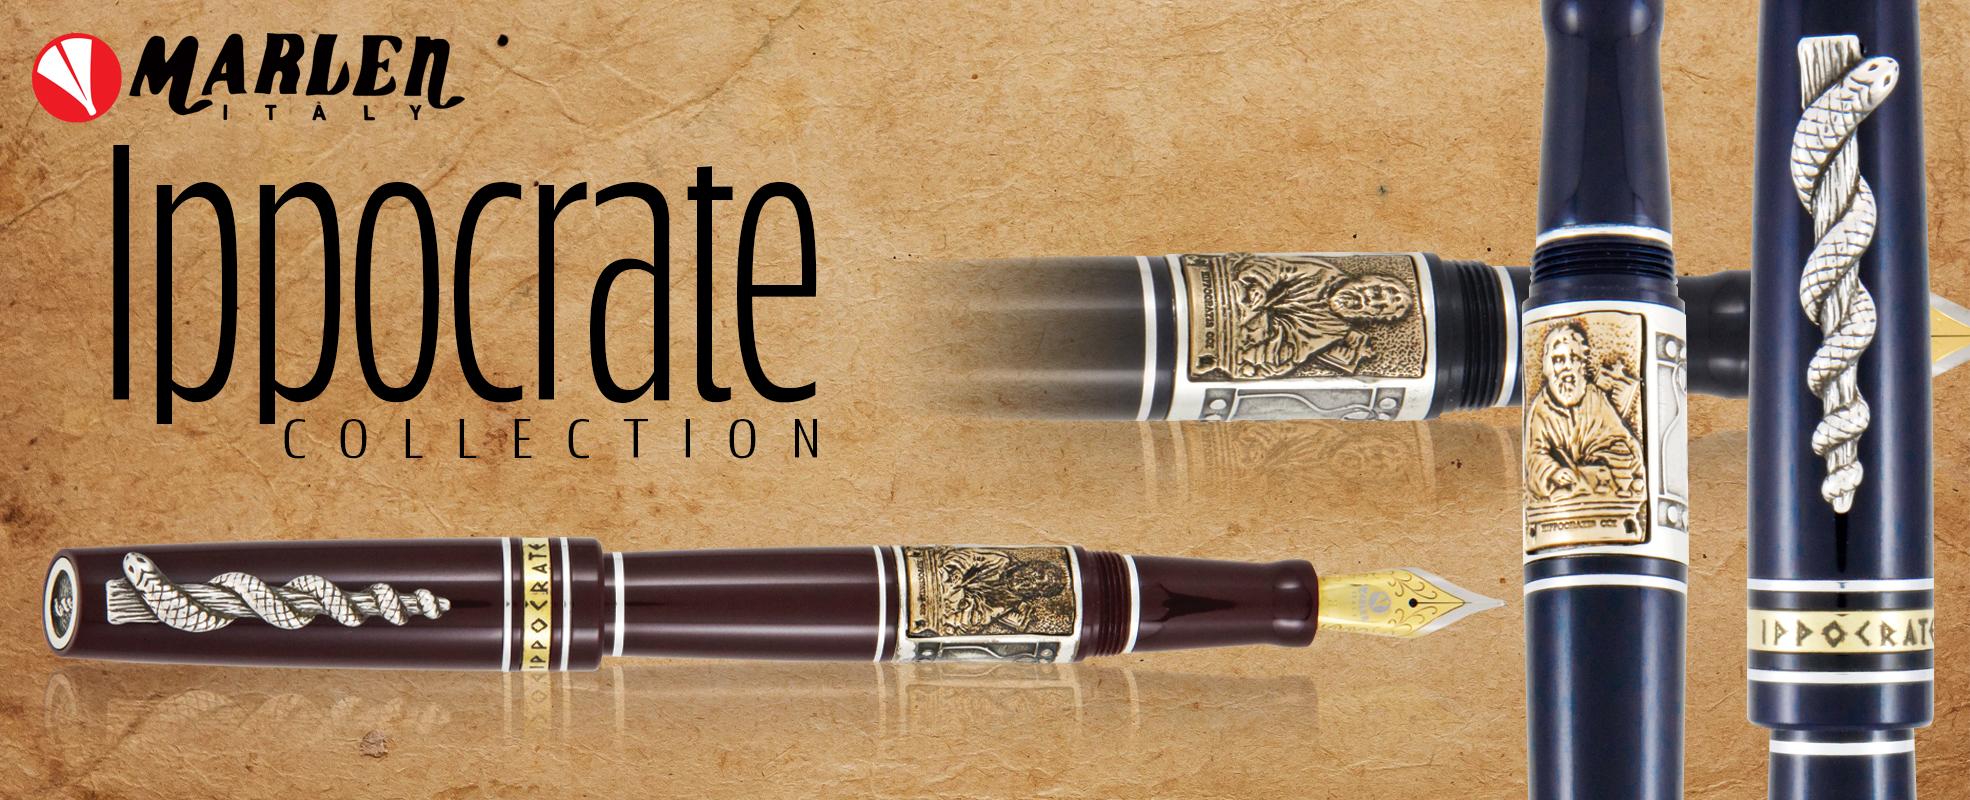 ippocrate-banner-new-pen.jpg